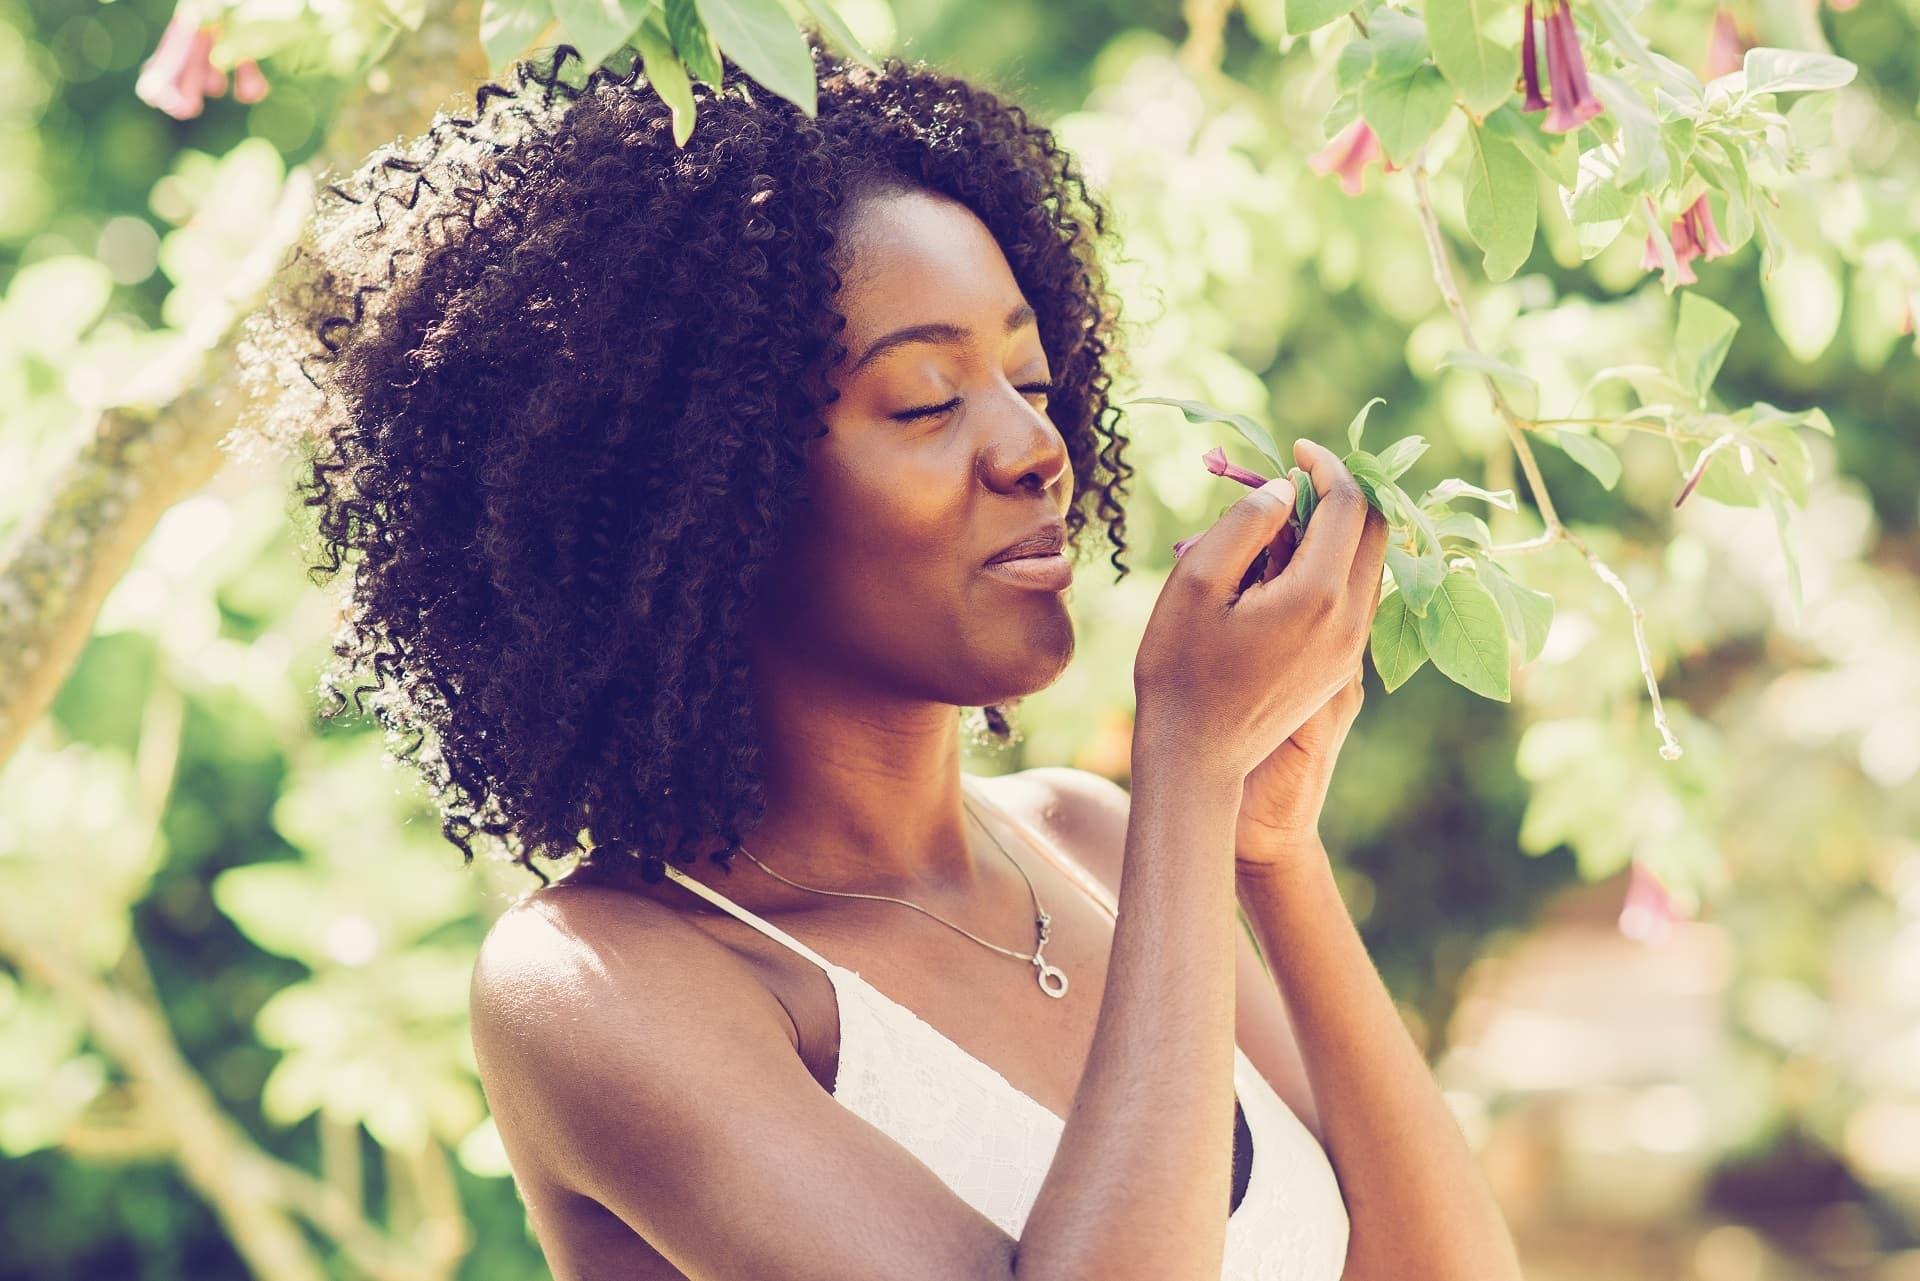 Frau riecht an Blüte